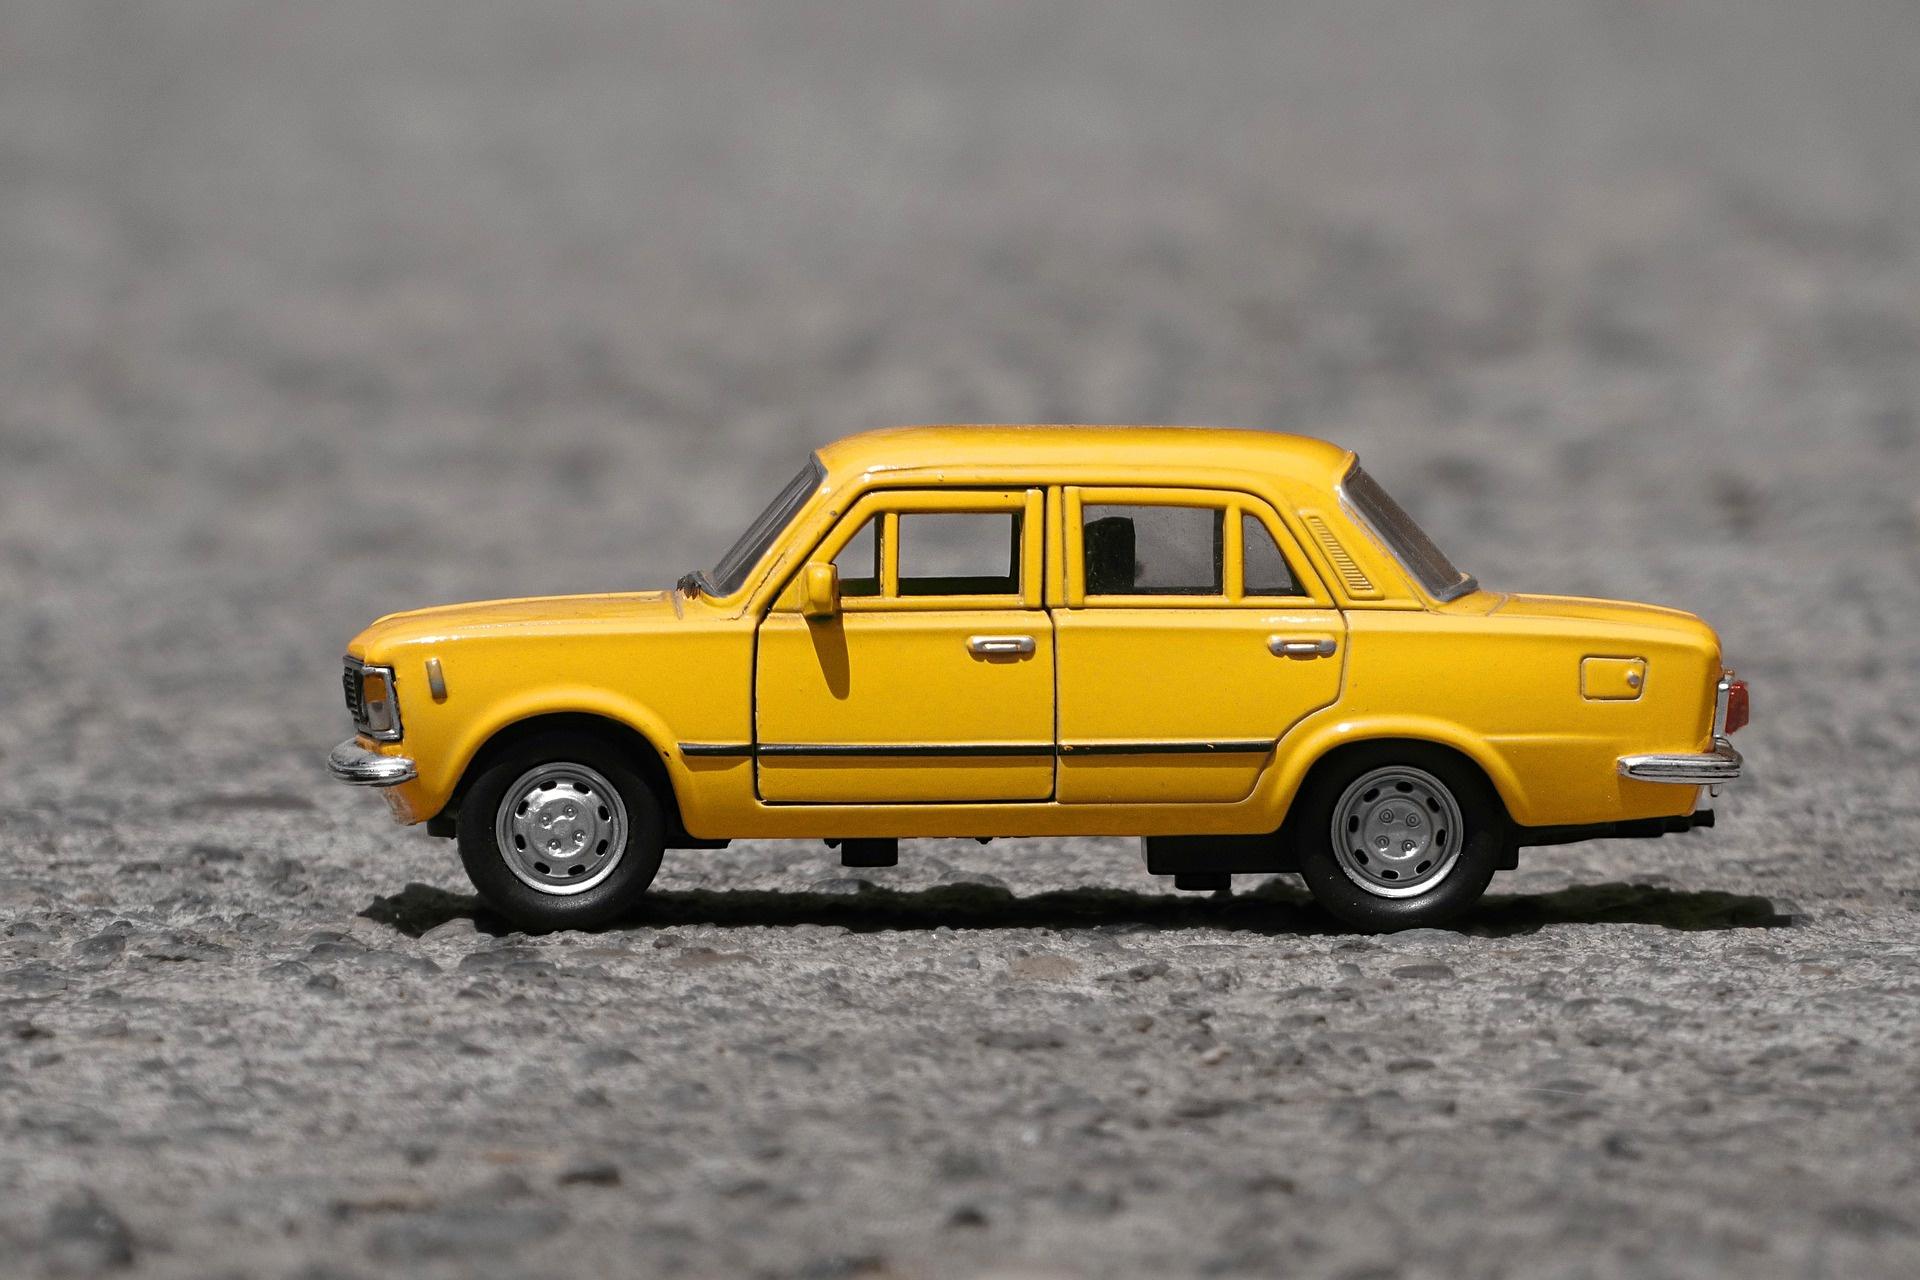 Volkswagen začína ďalšie vyjednávanie platov, pre administratívu a špedíciu